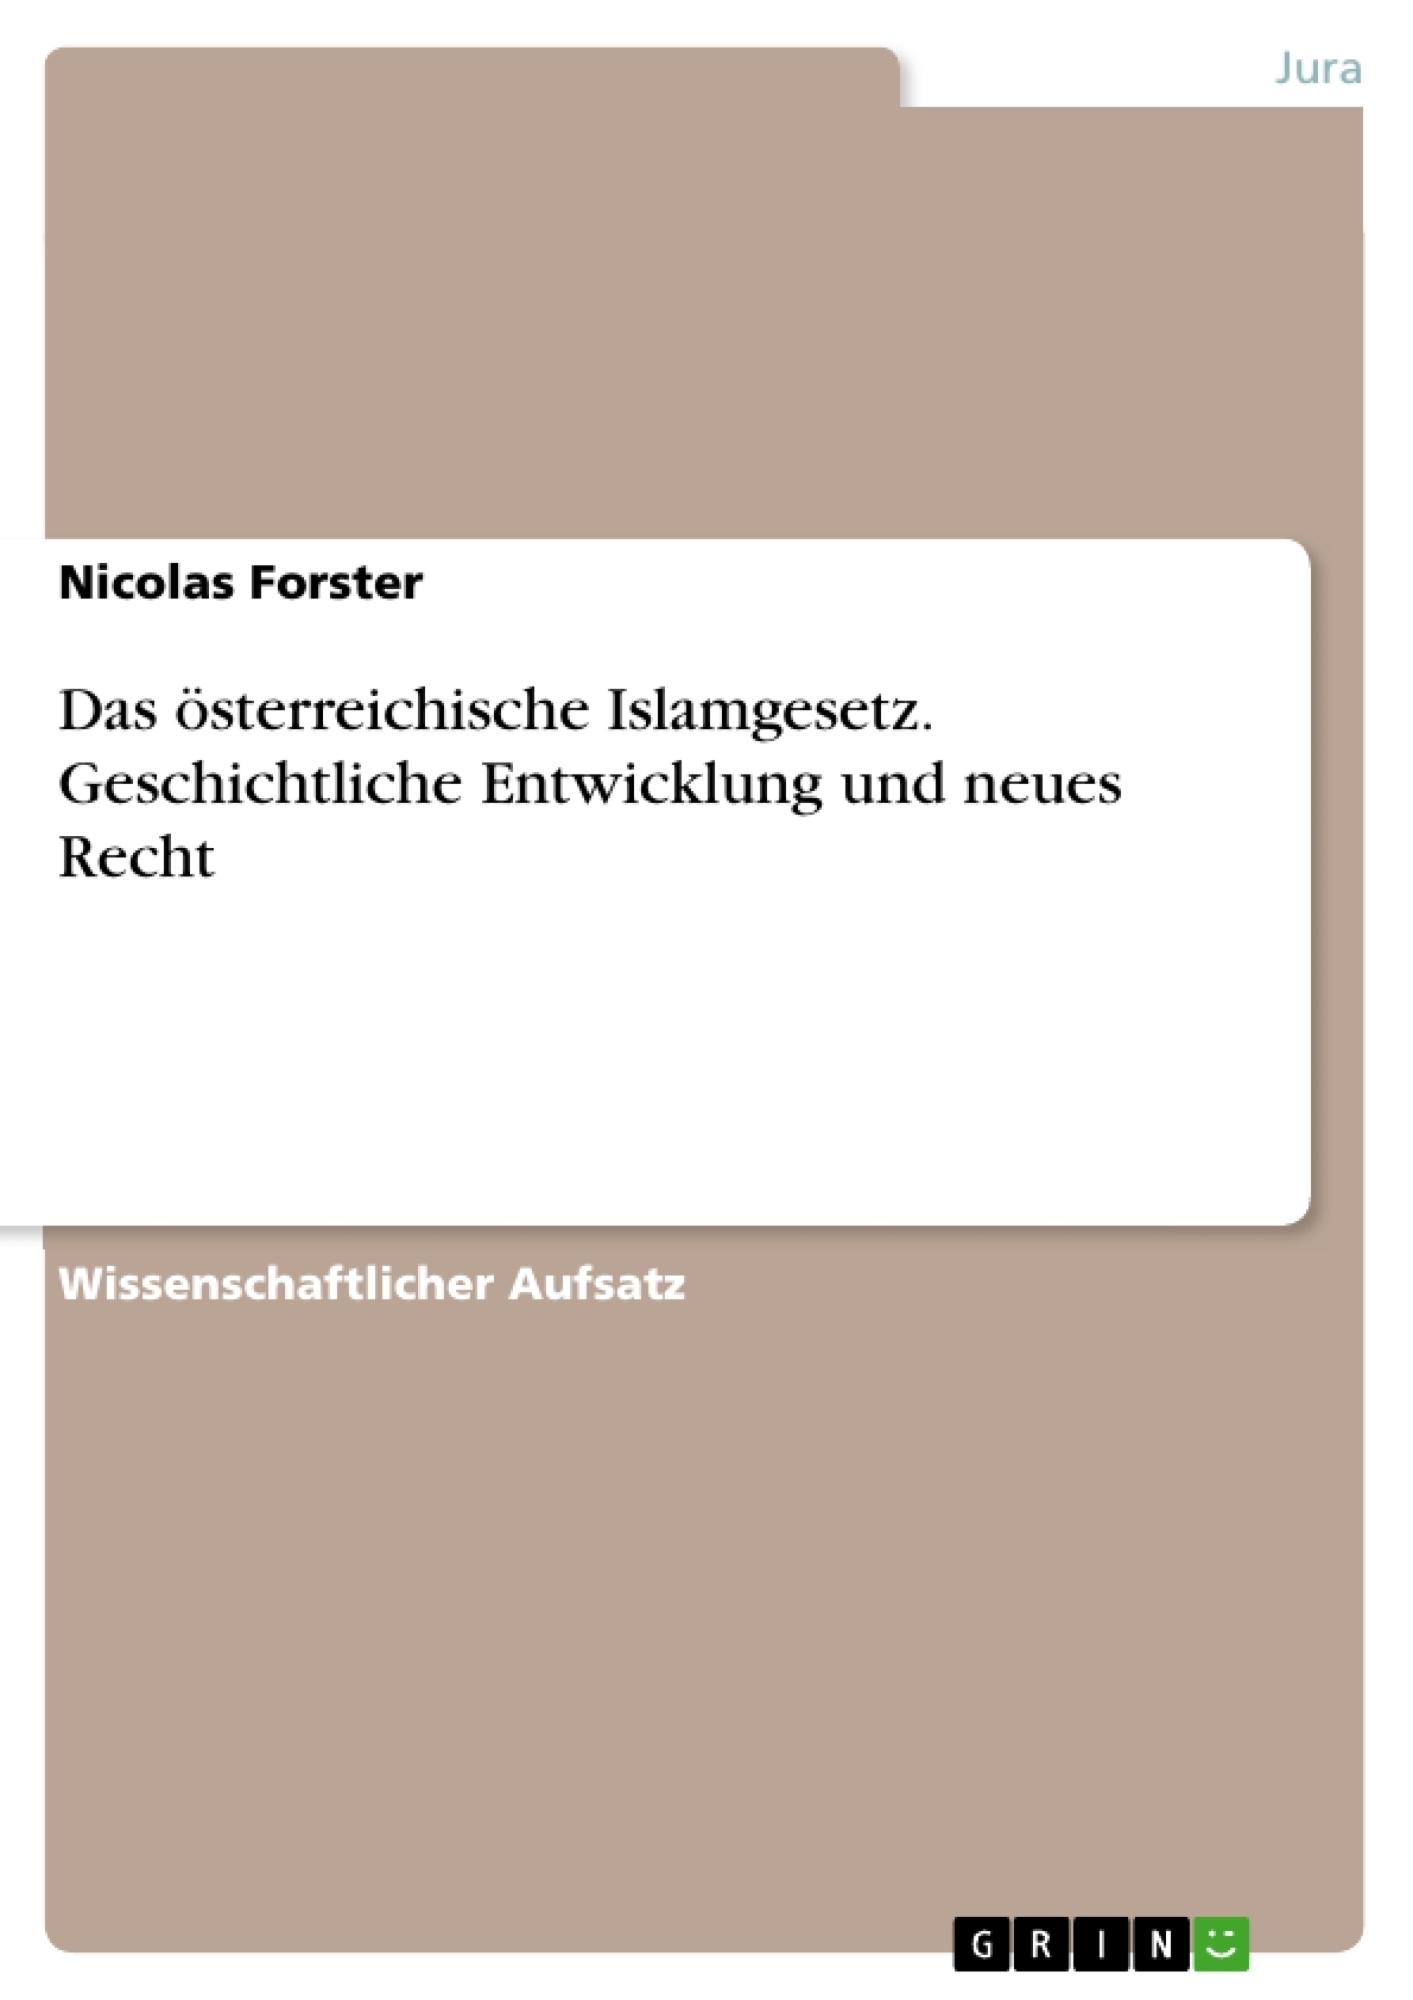 Titel: Das österreichische Islamgesetz. Geschichtliche Entwicklung und neues Recht